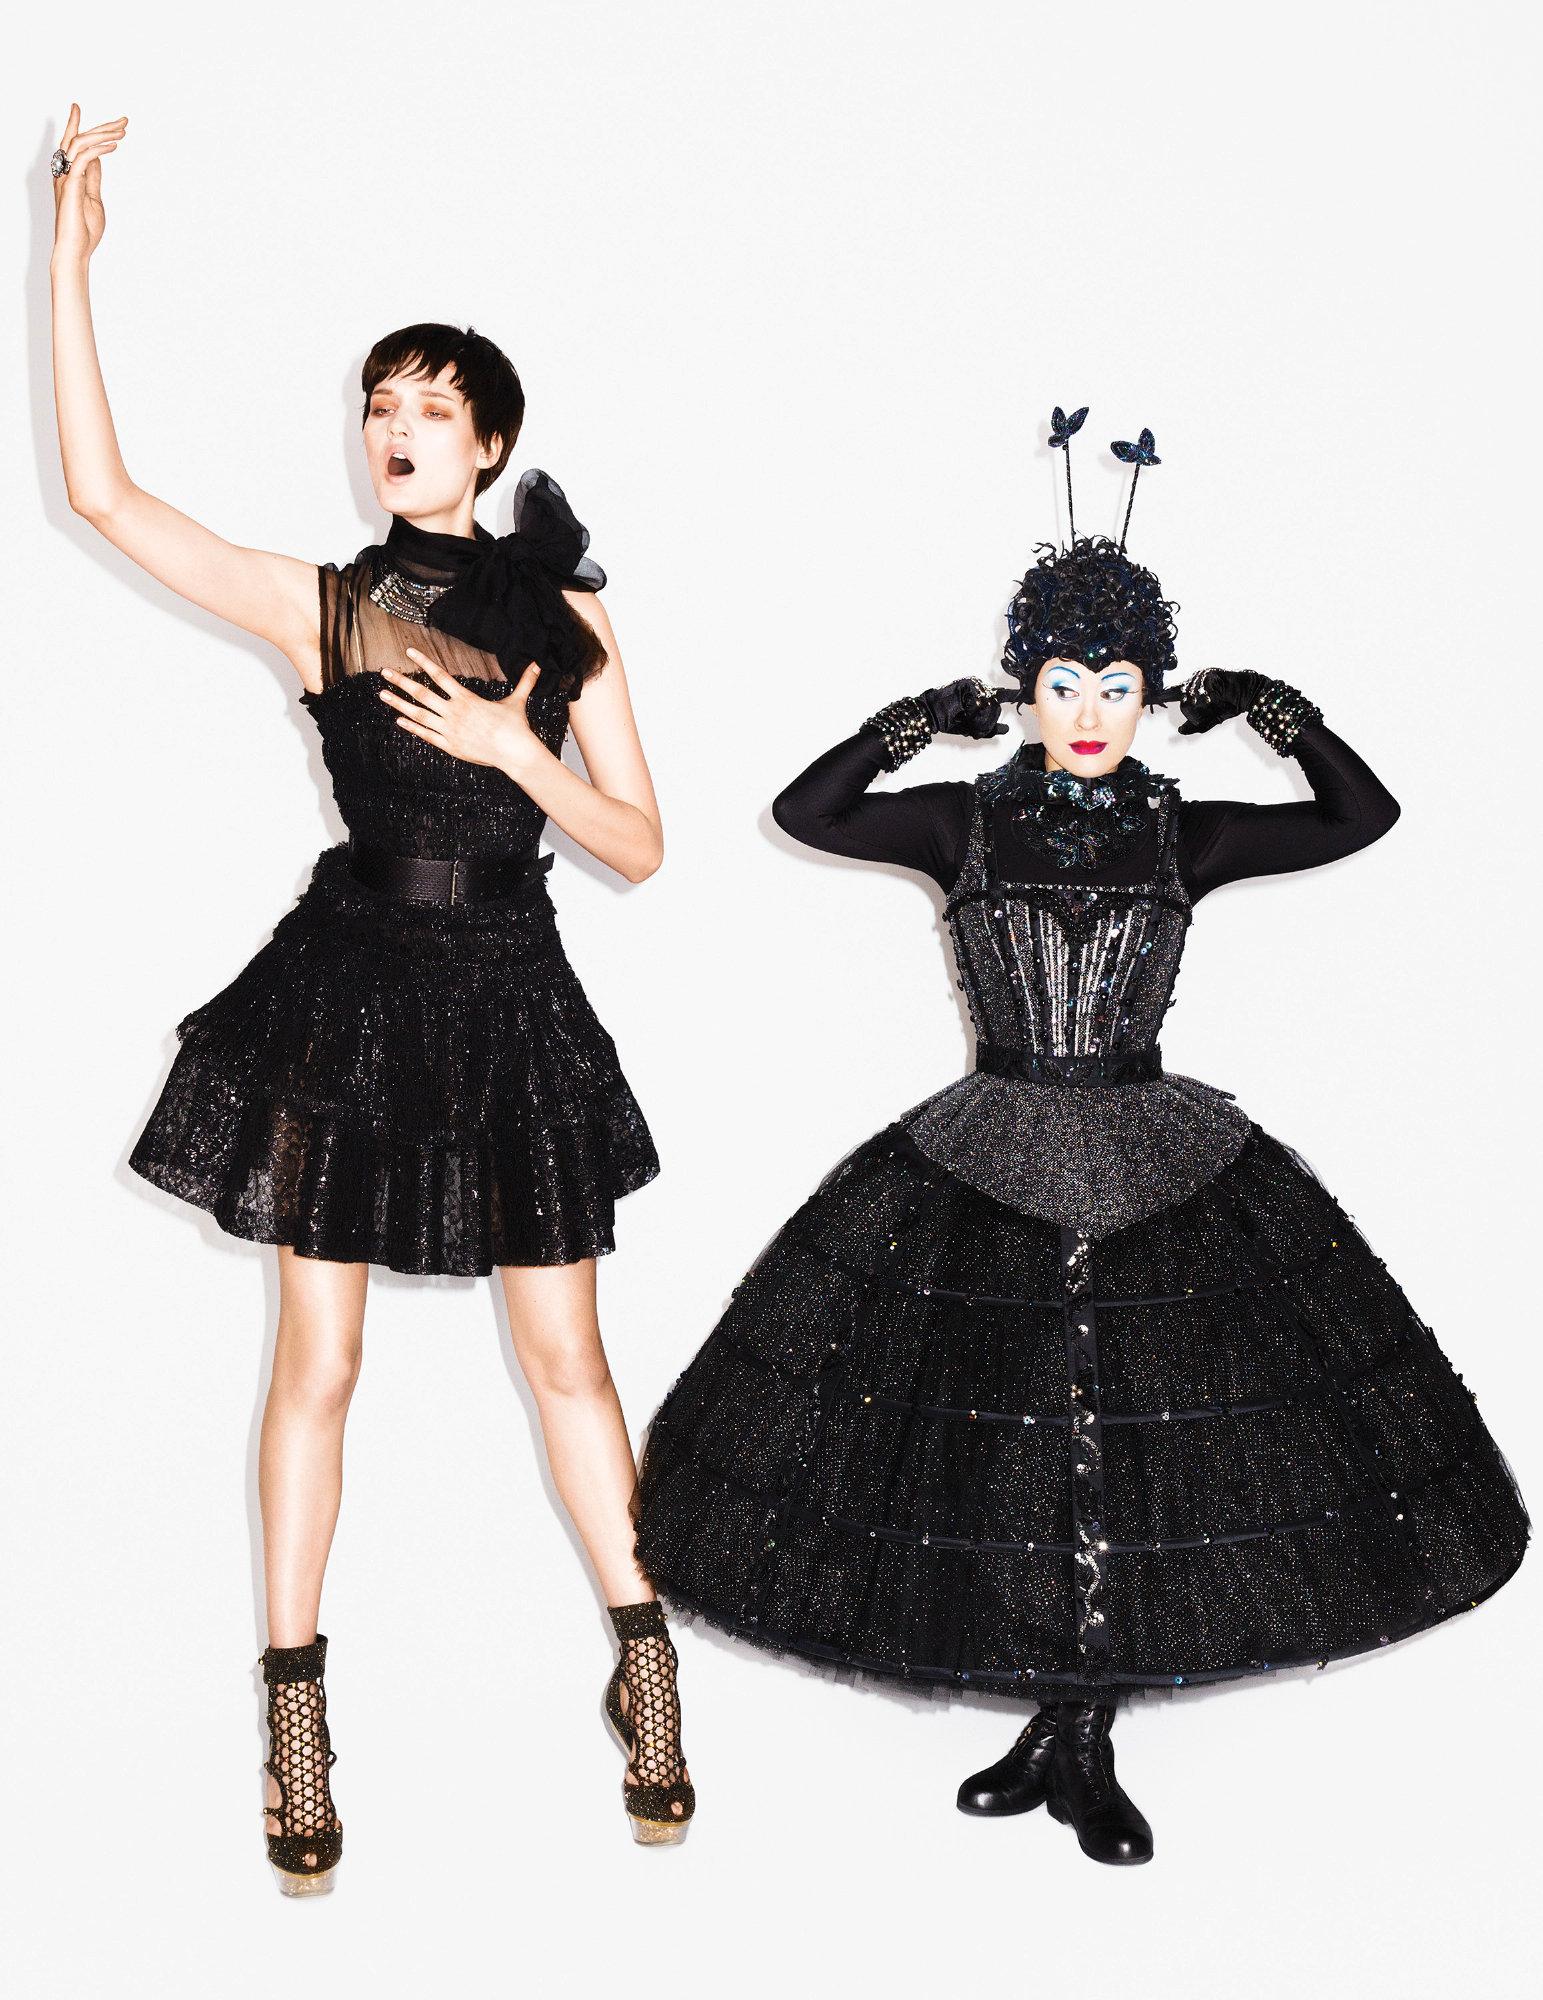 Vogue Ukraine 2013/12